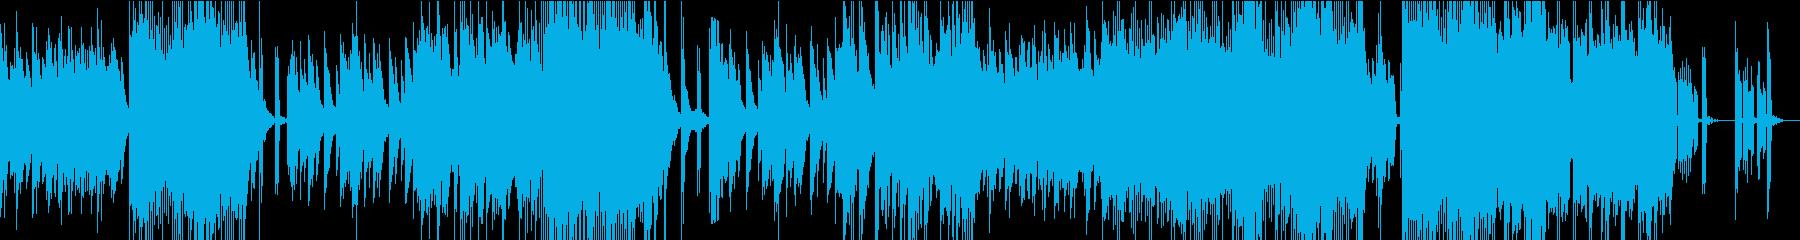 ピアノの旋律が印象的なバラードの再生済みの波形